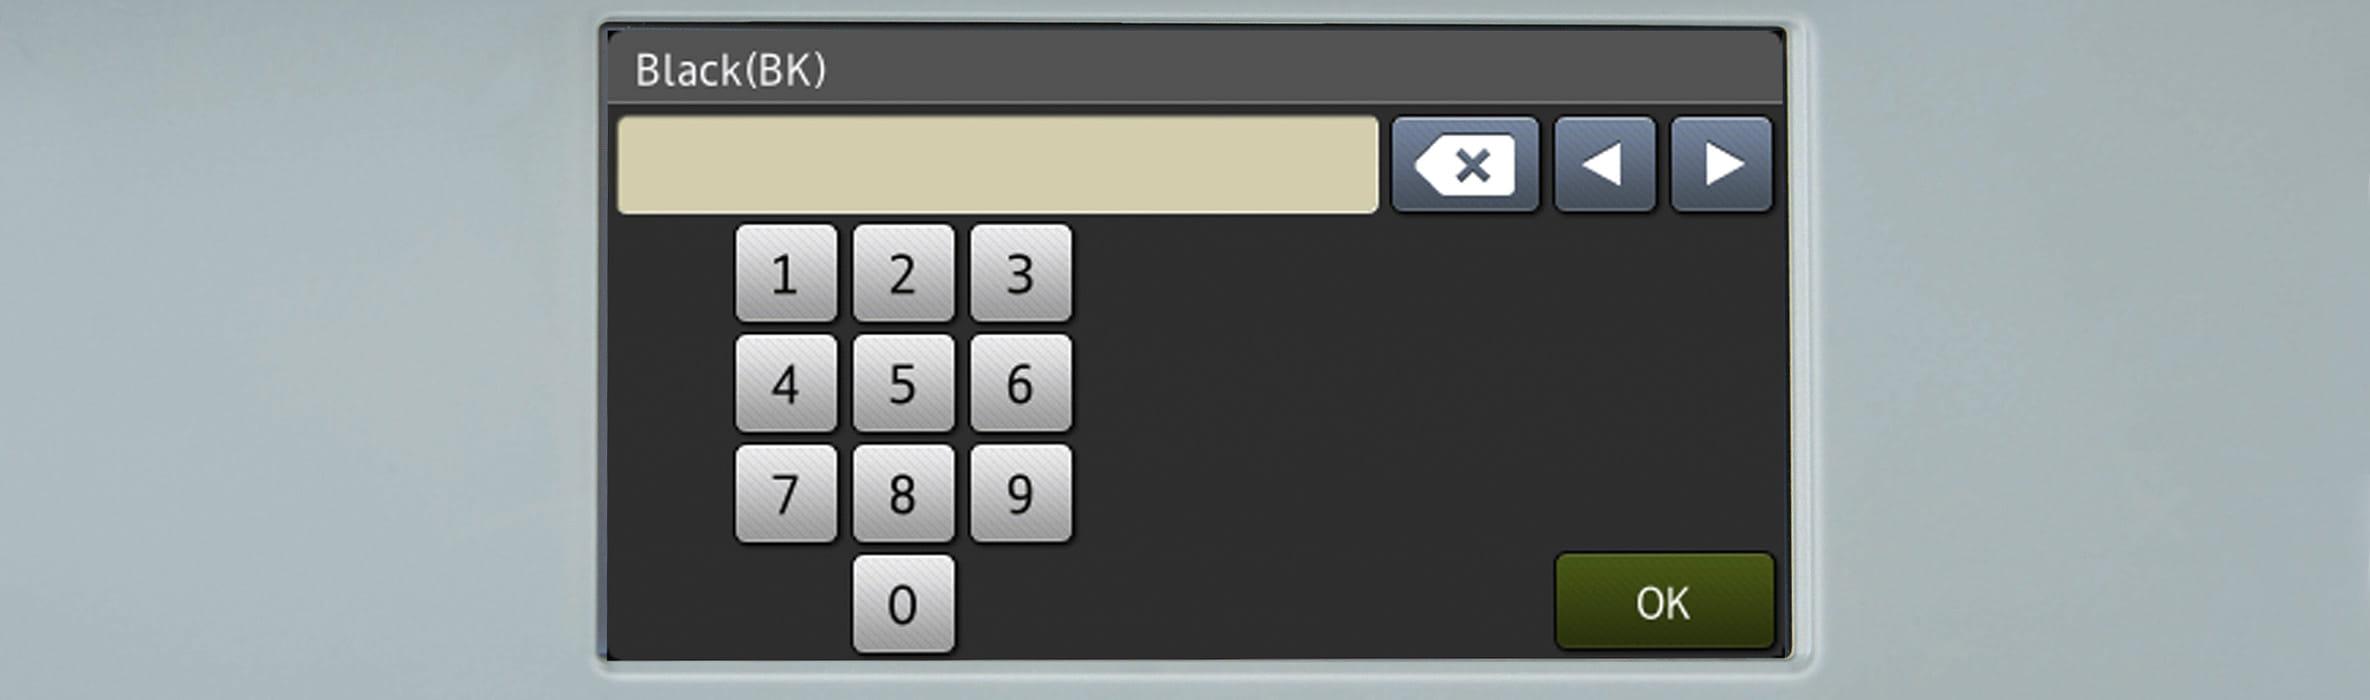 Dotykový displej multifunkční tiskárny Brother s číslem na displeji